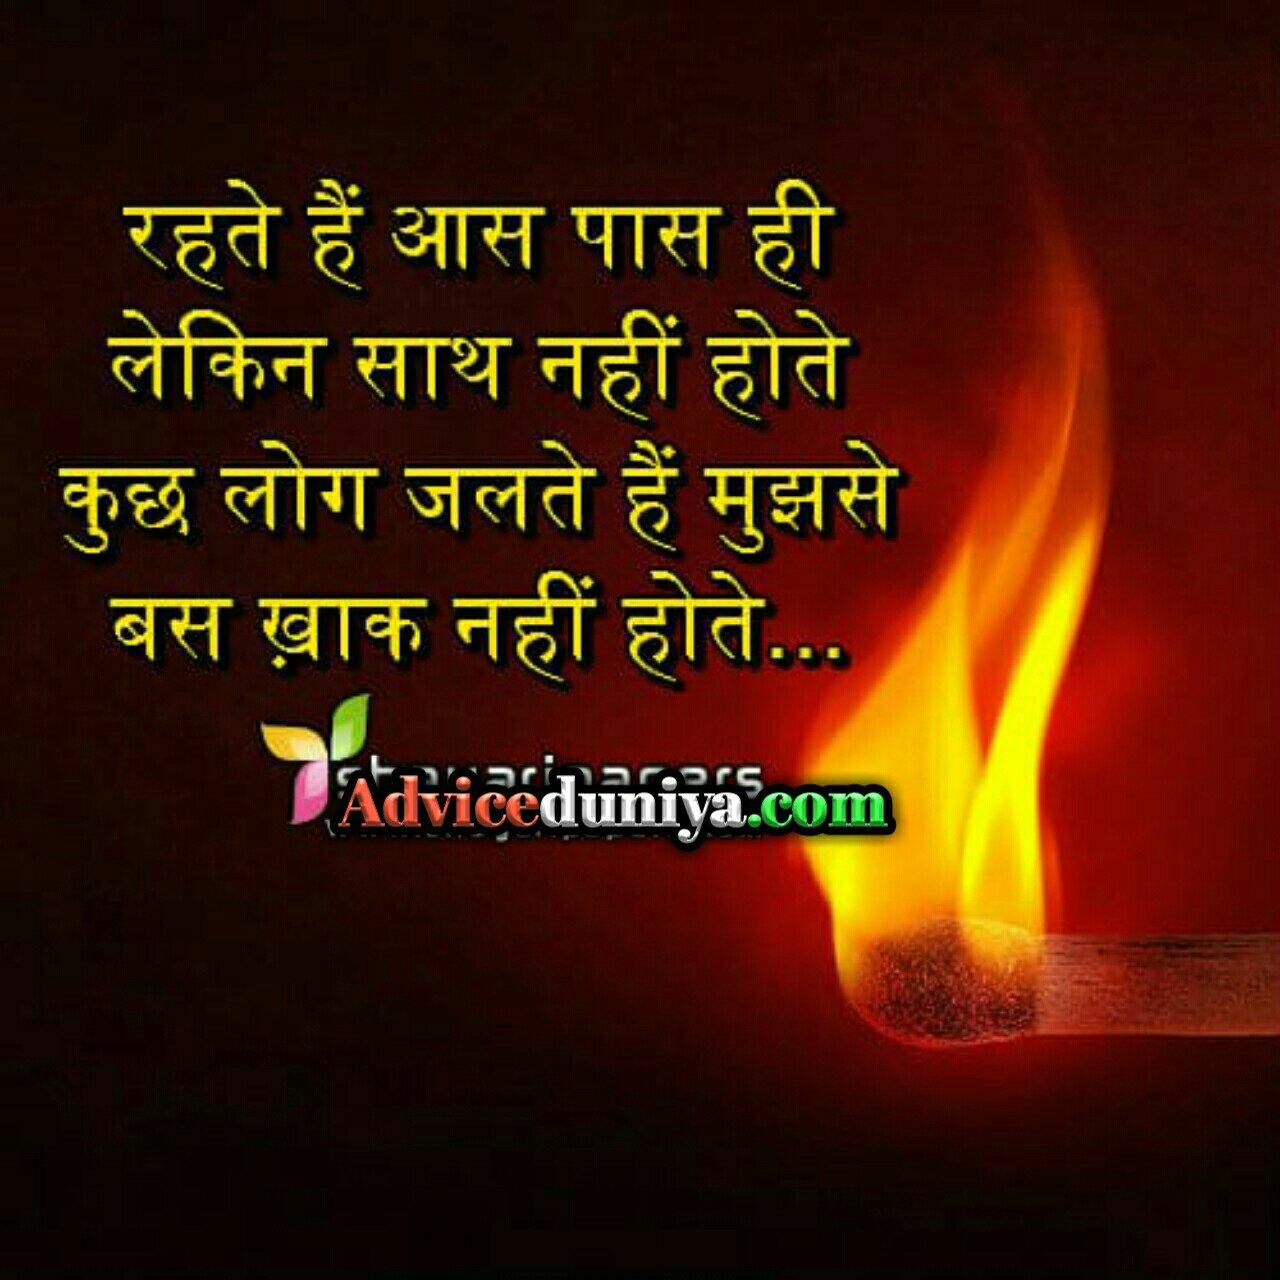 angry whatsapp status in hindi